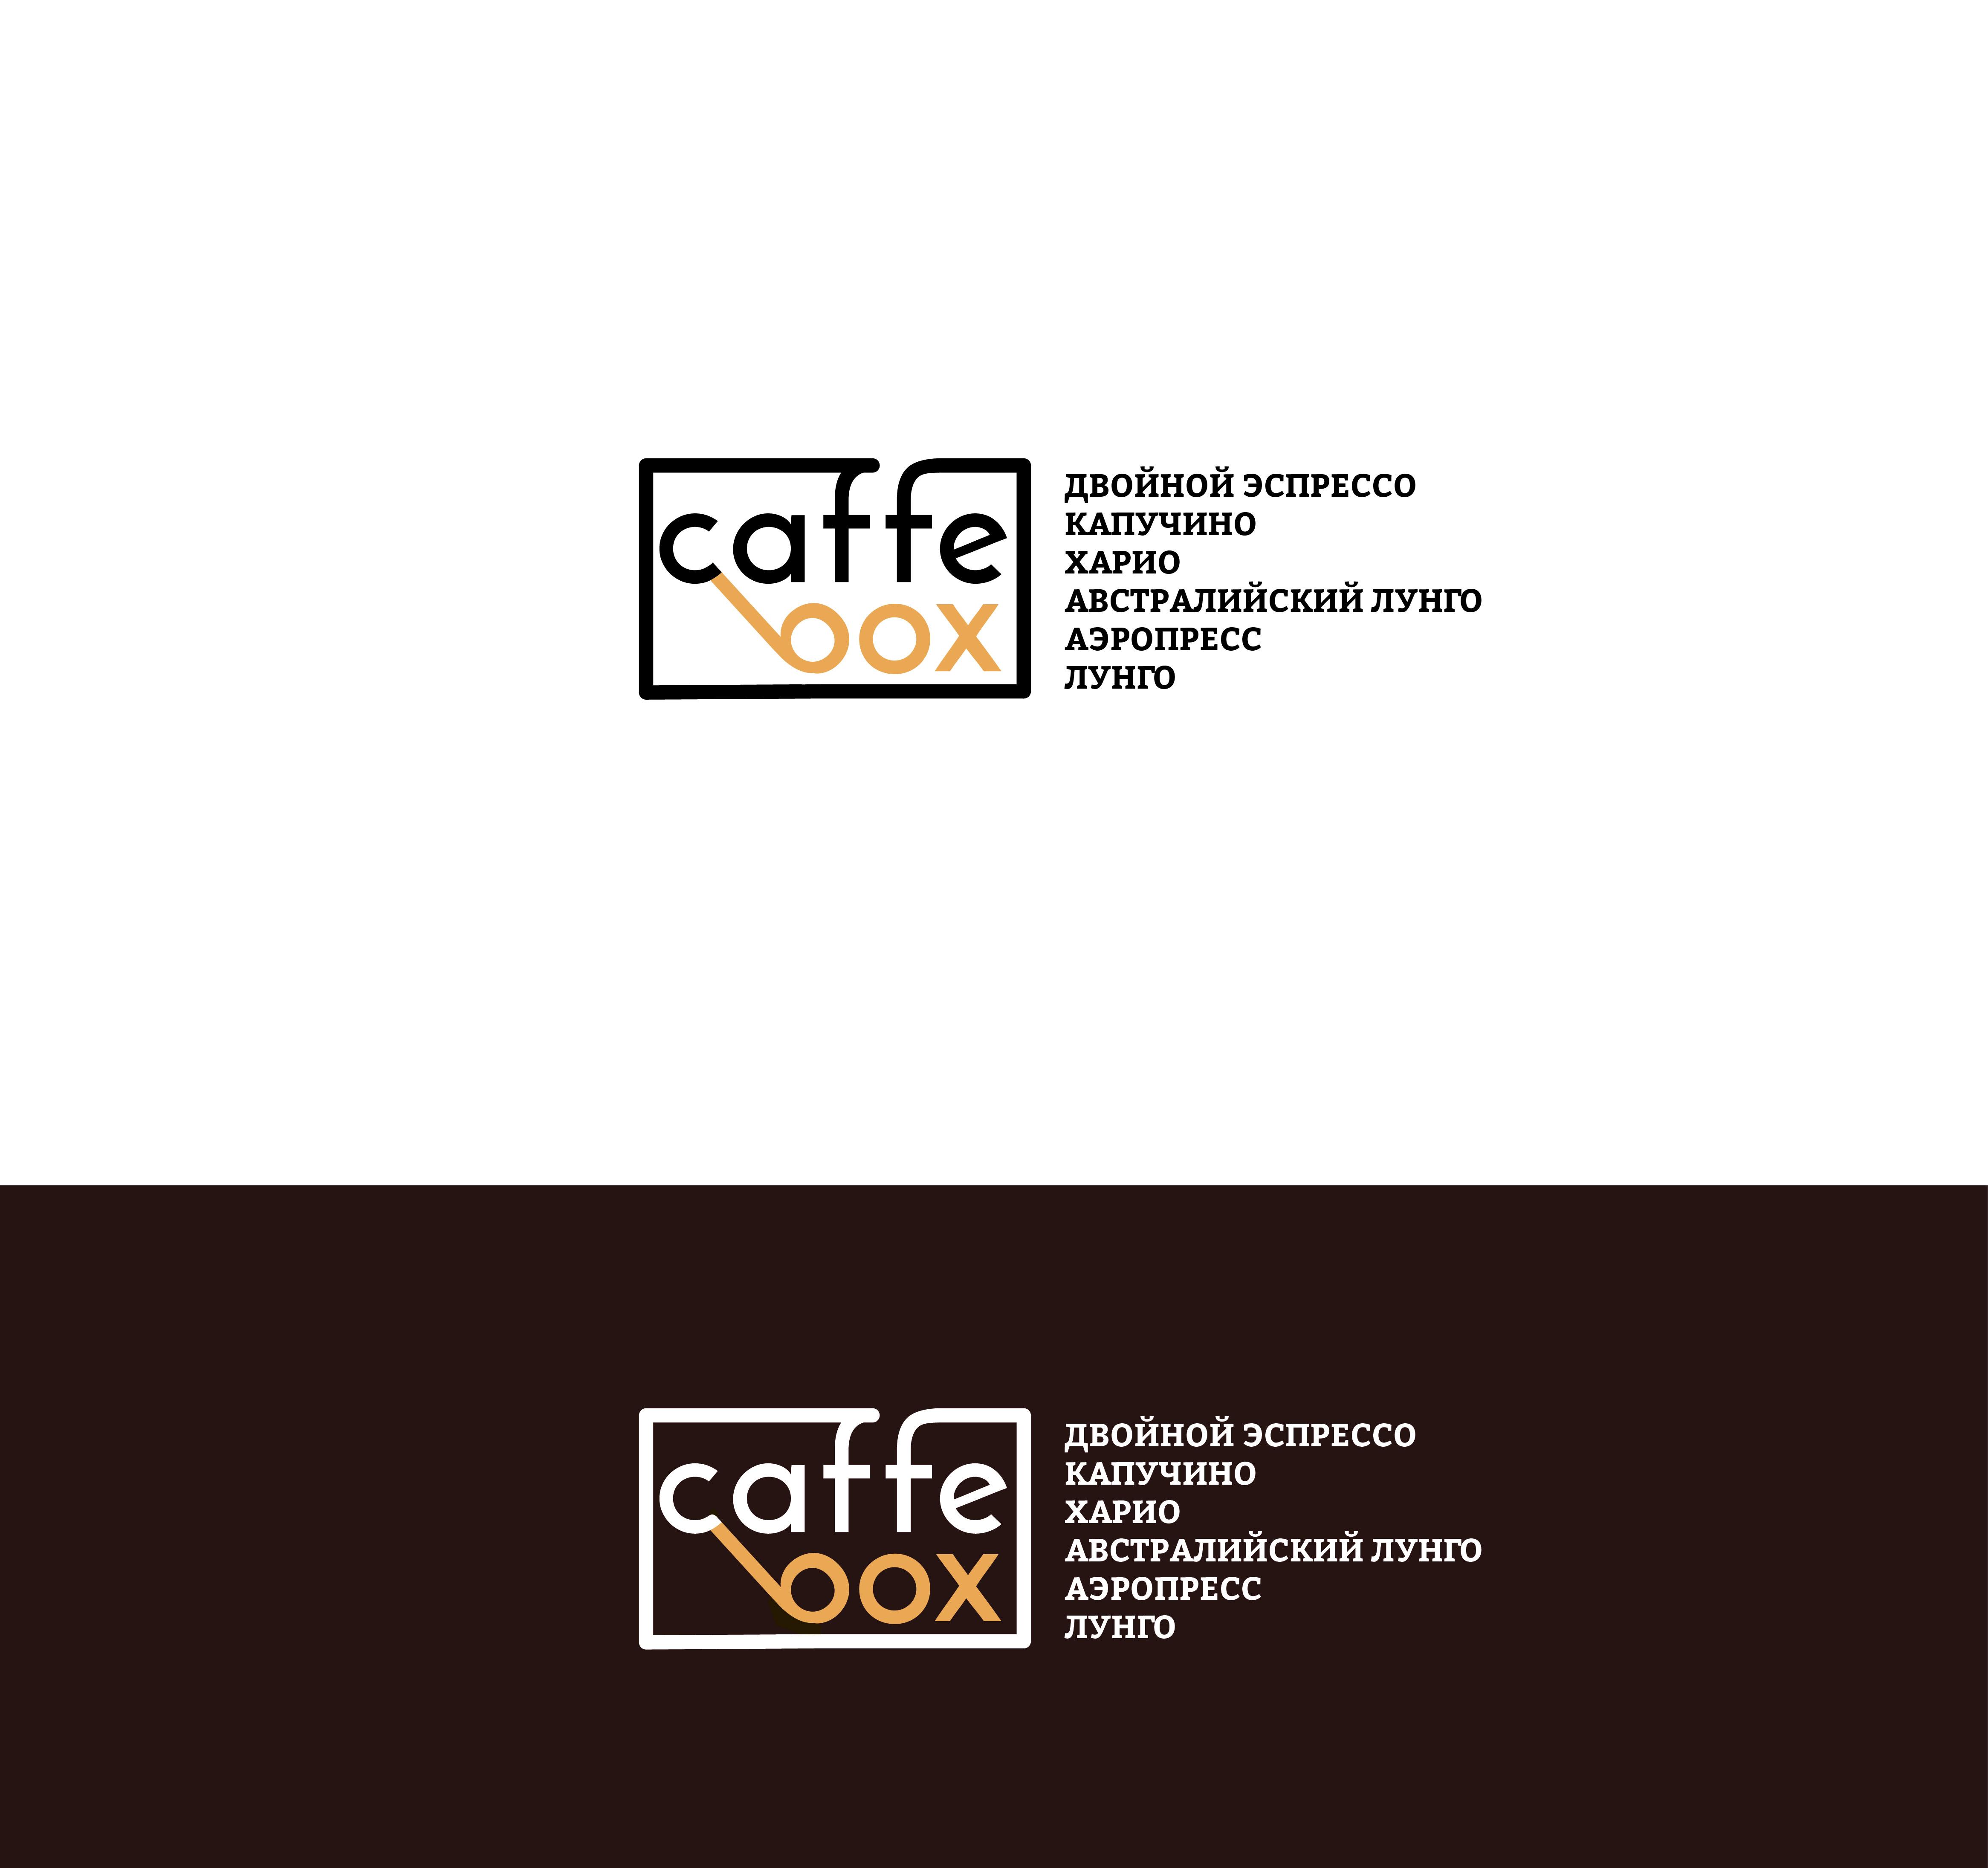 Требуется очень срочно разработать логотип кофейни! фото f_6545a0dd3627520e.jpg